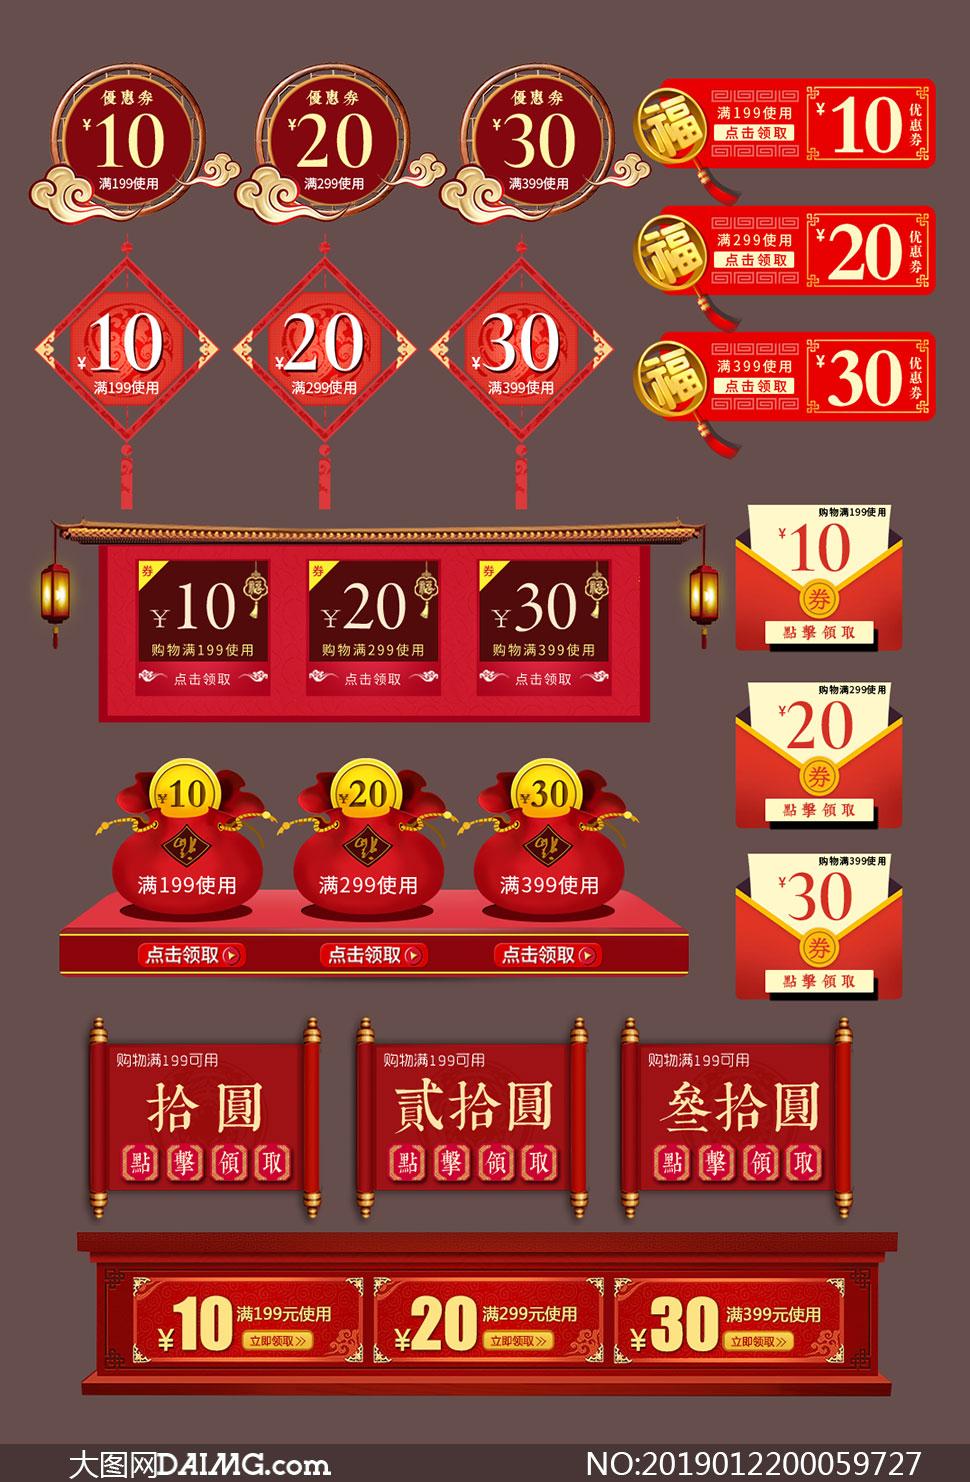 淘宝新年喜庆优惠劵设计PSD模板